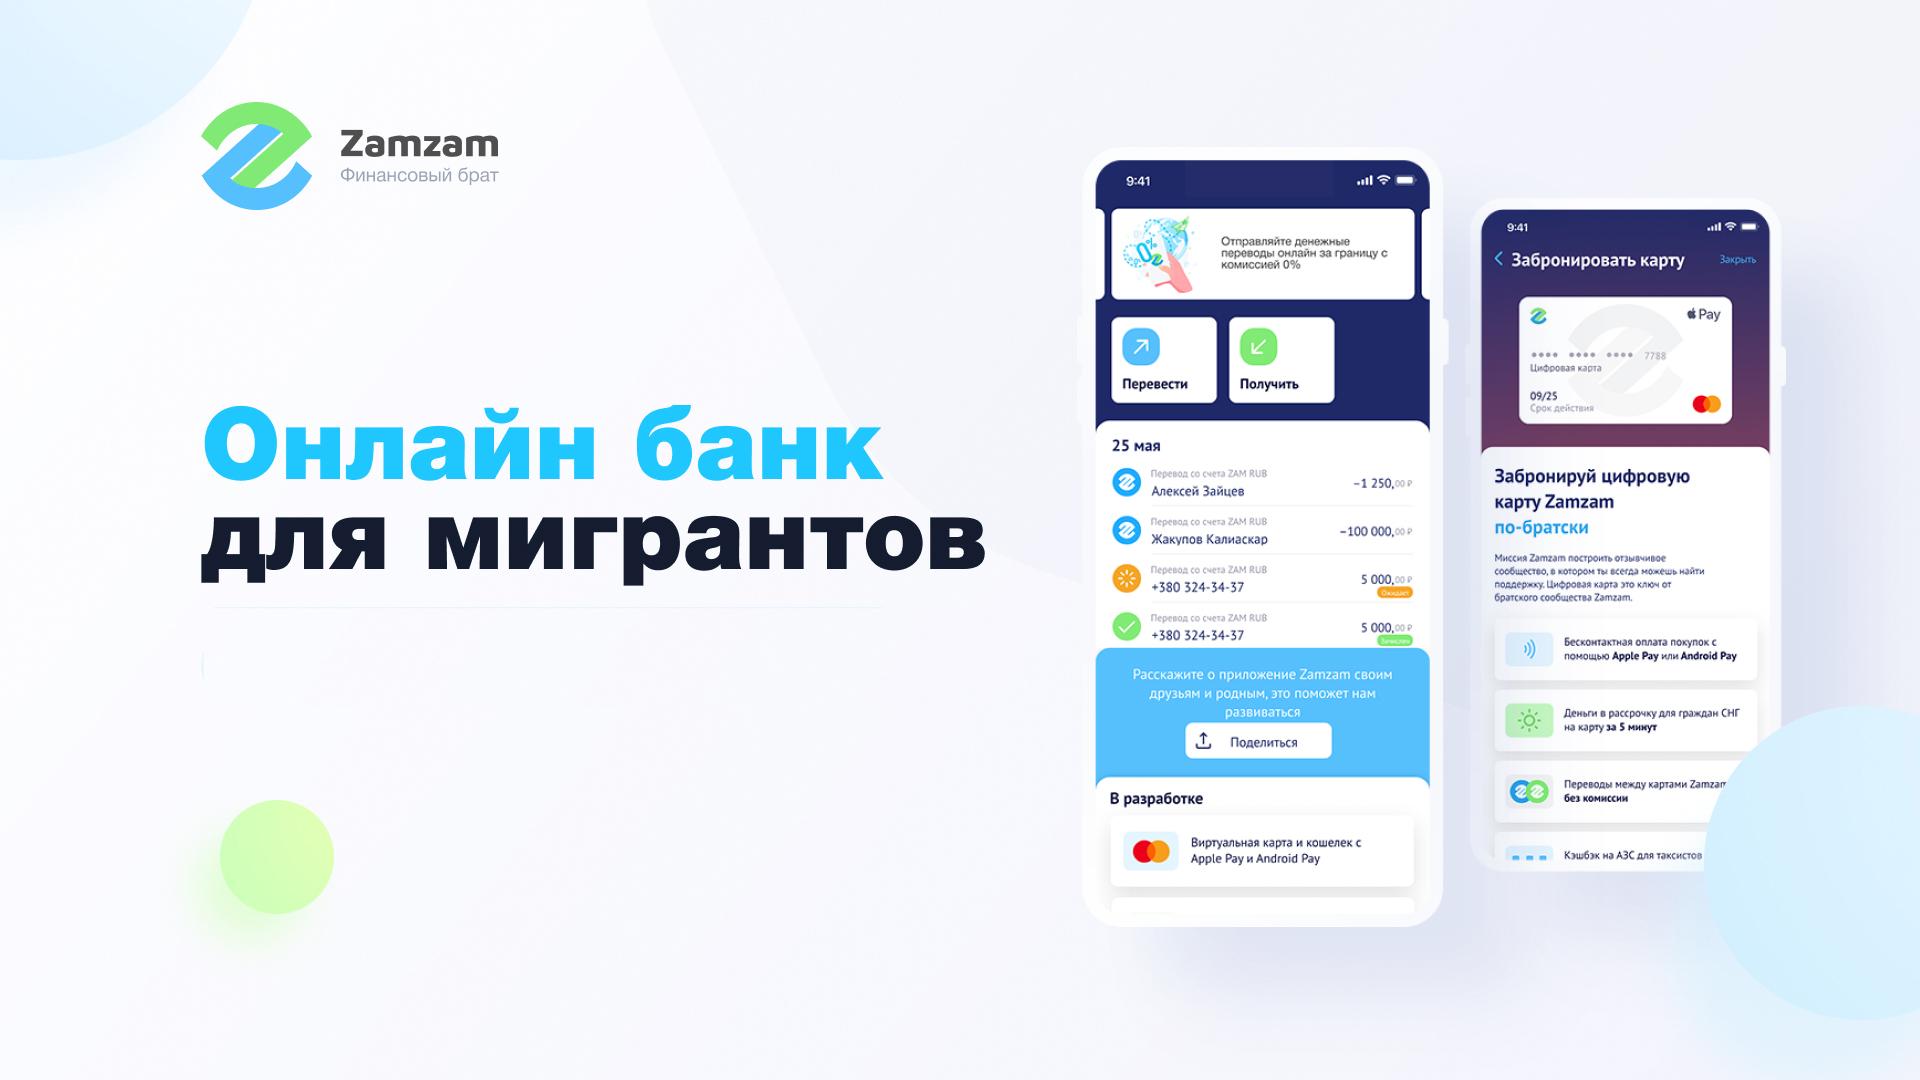 111 - Как Zamzam решает проблемы мигрантов в России